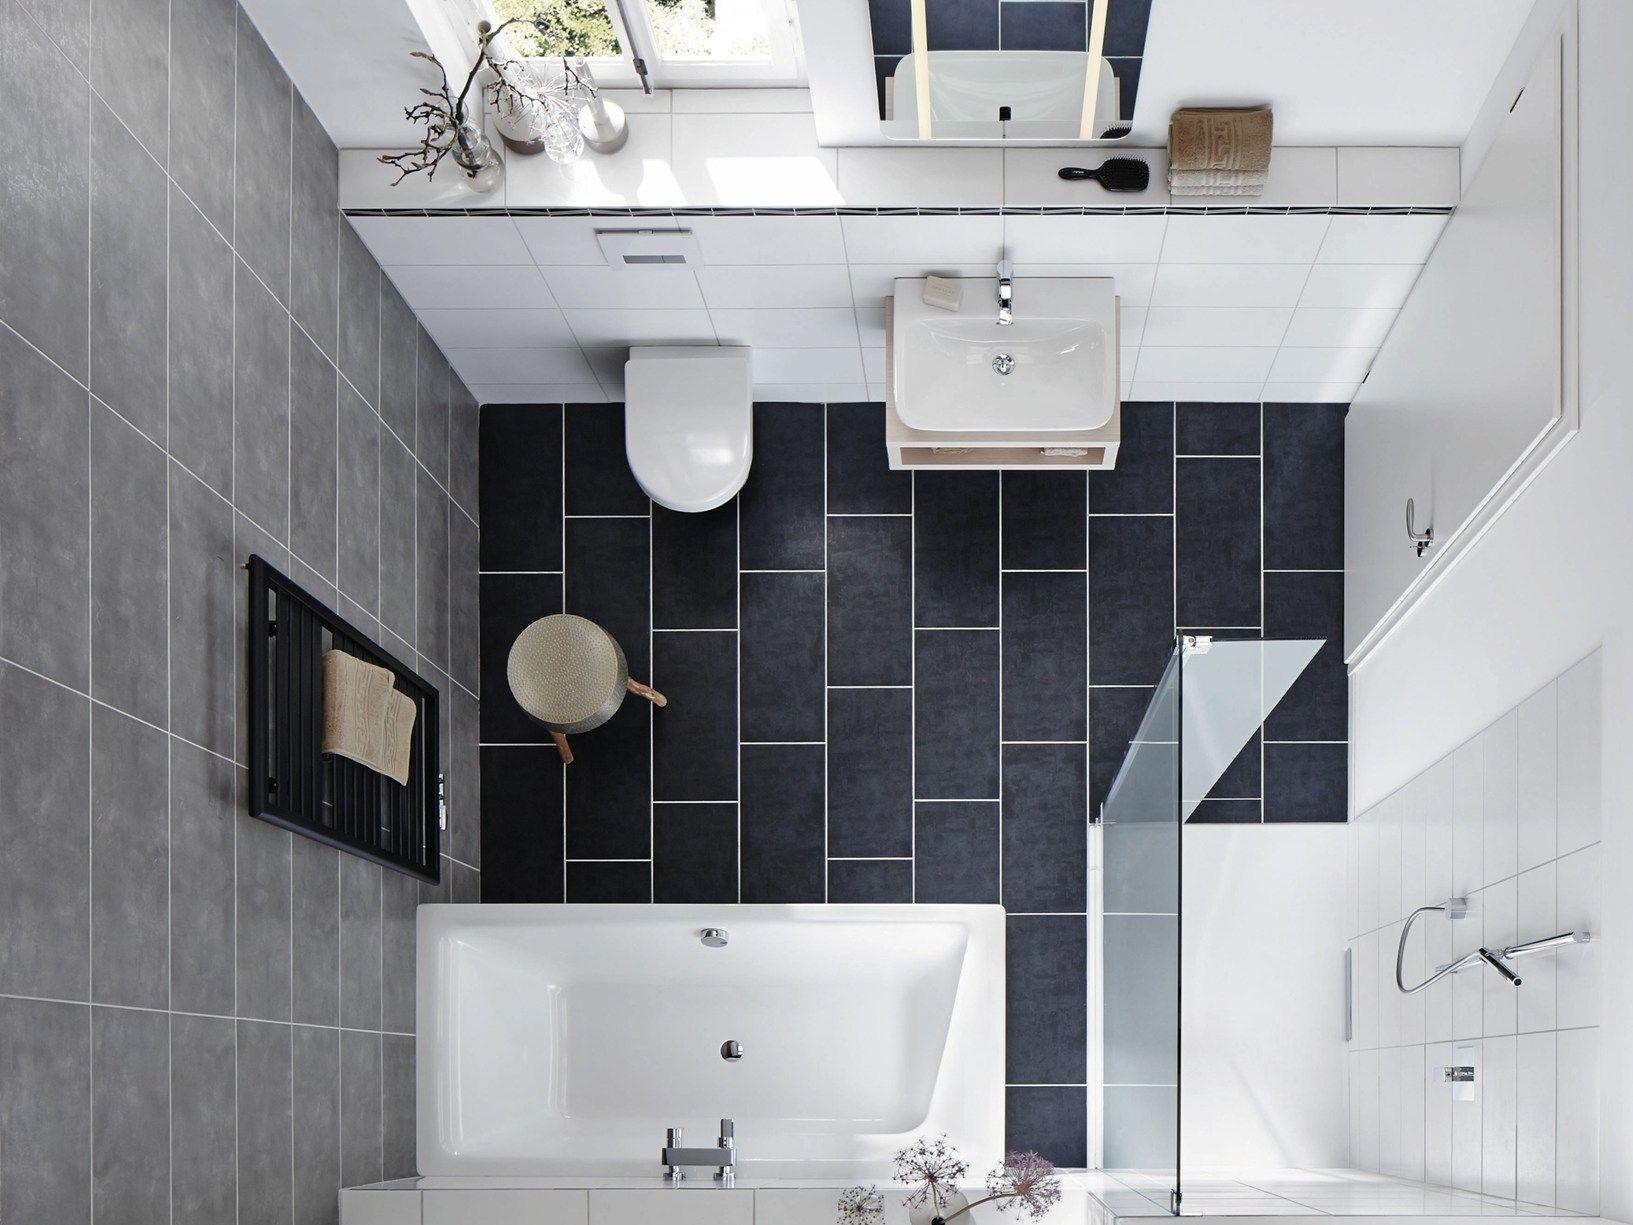 Vasca Da Bagno 180 100 : Vasche da bagno e piatti doccia a filo pavimento kaldewei